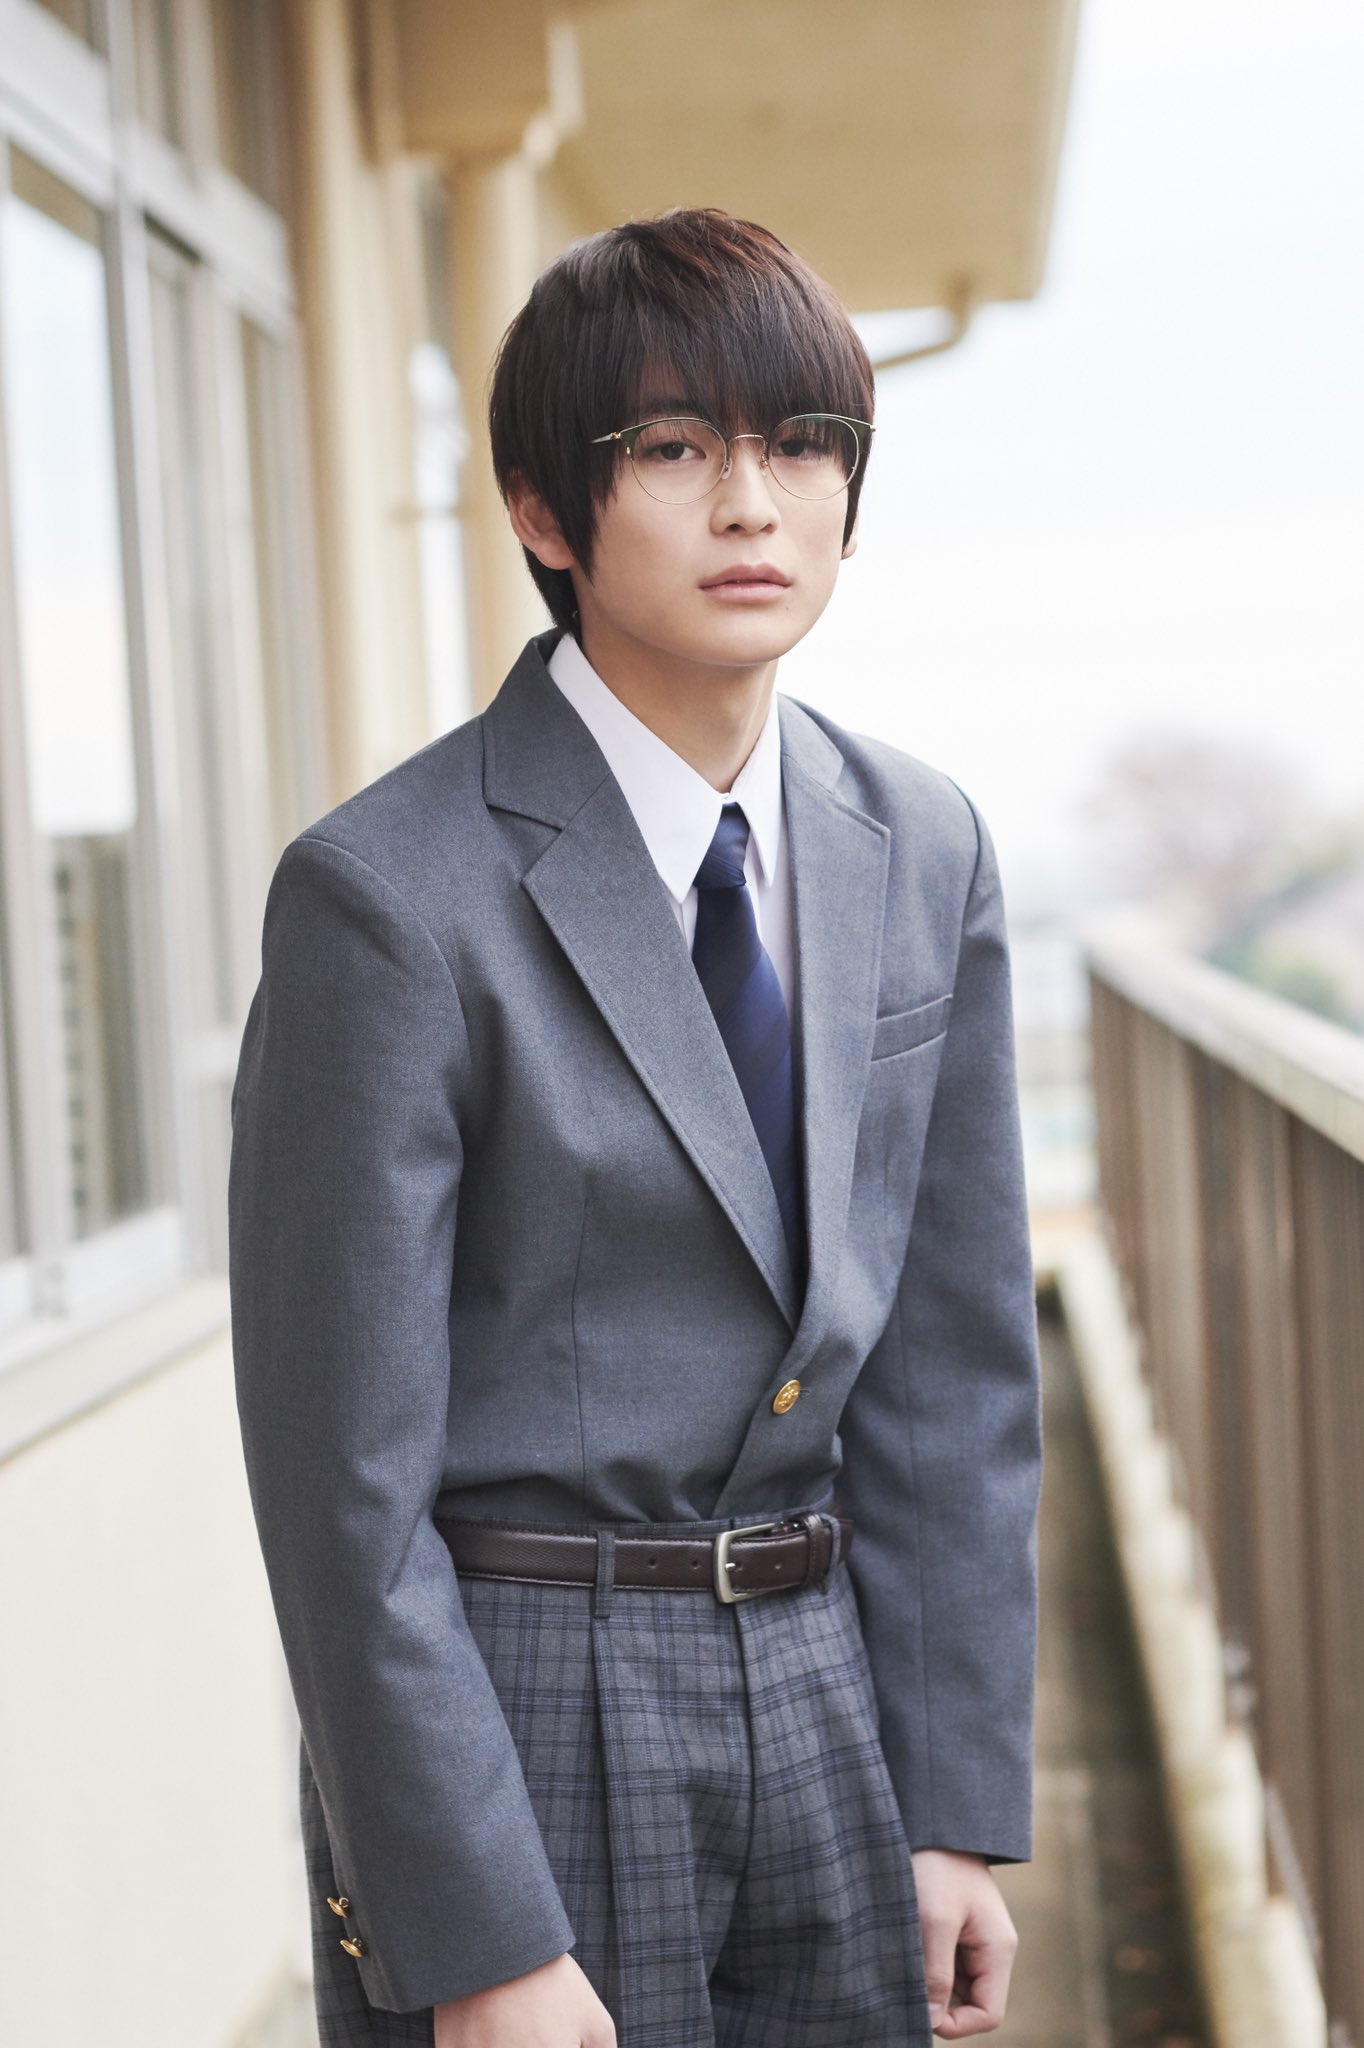 実写ドラマ「夢中さ、きみに。」二階堂明役に高橋文哉さんが発表!ビジュアル&コメントも公開